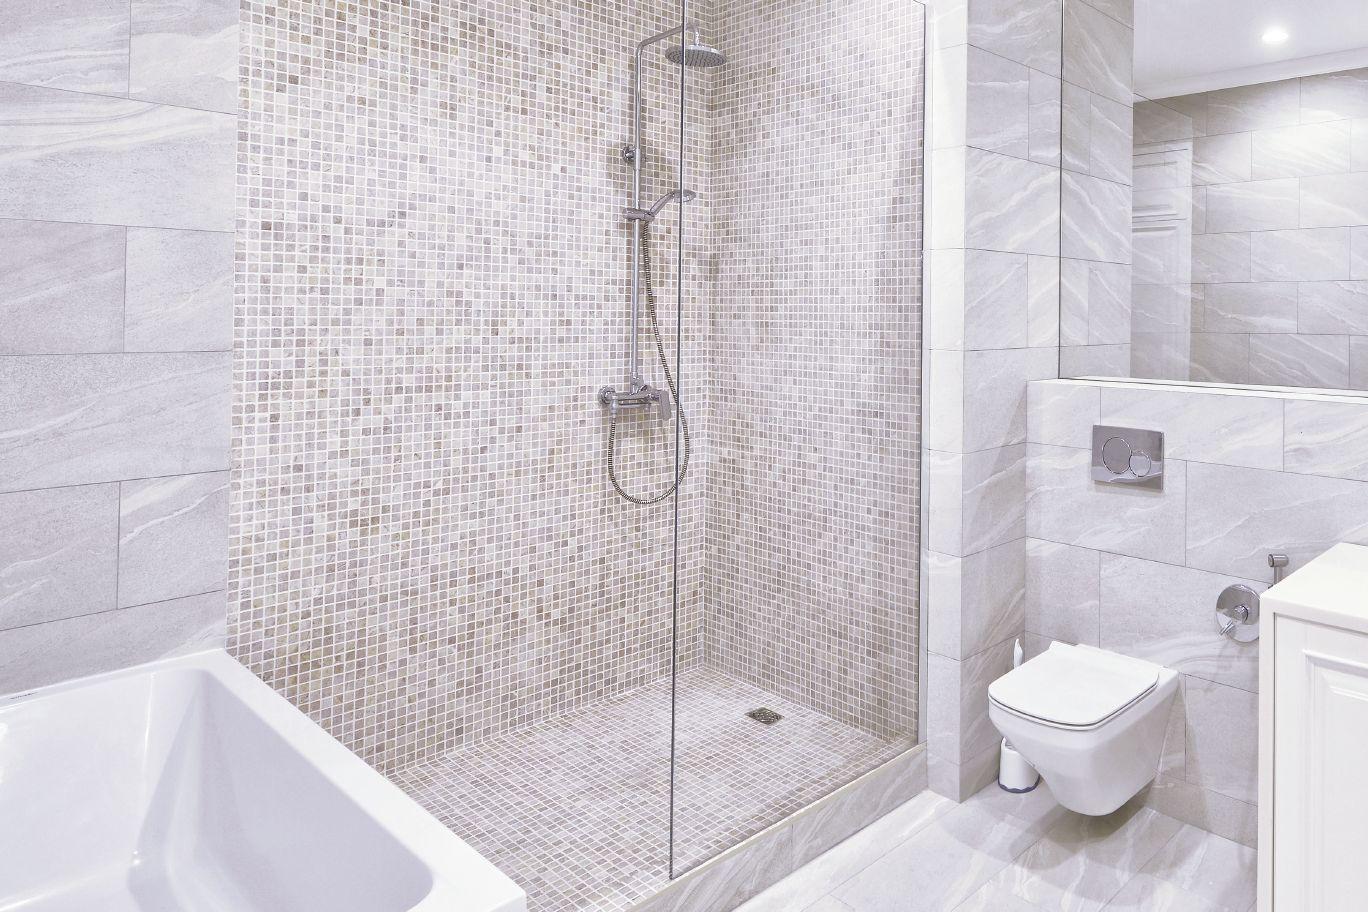 schluter kerdi shower kit shower